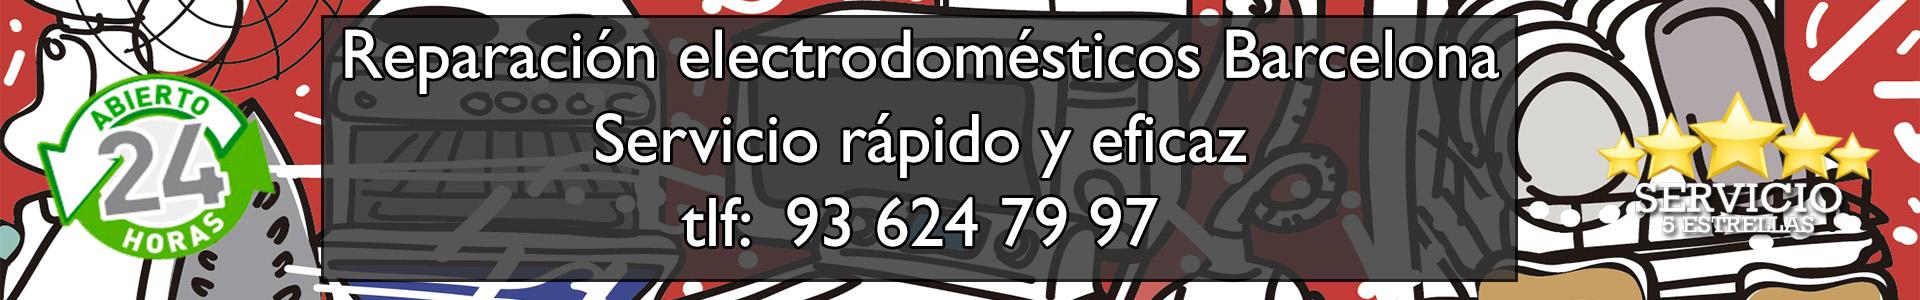 Reparación de Electrodomesticos Barcelona